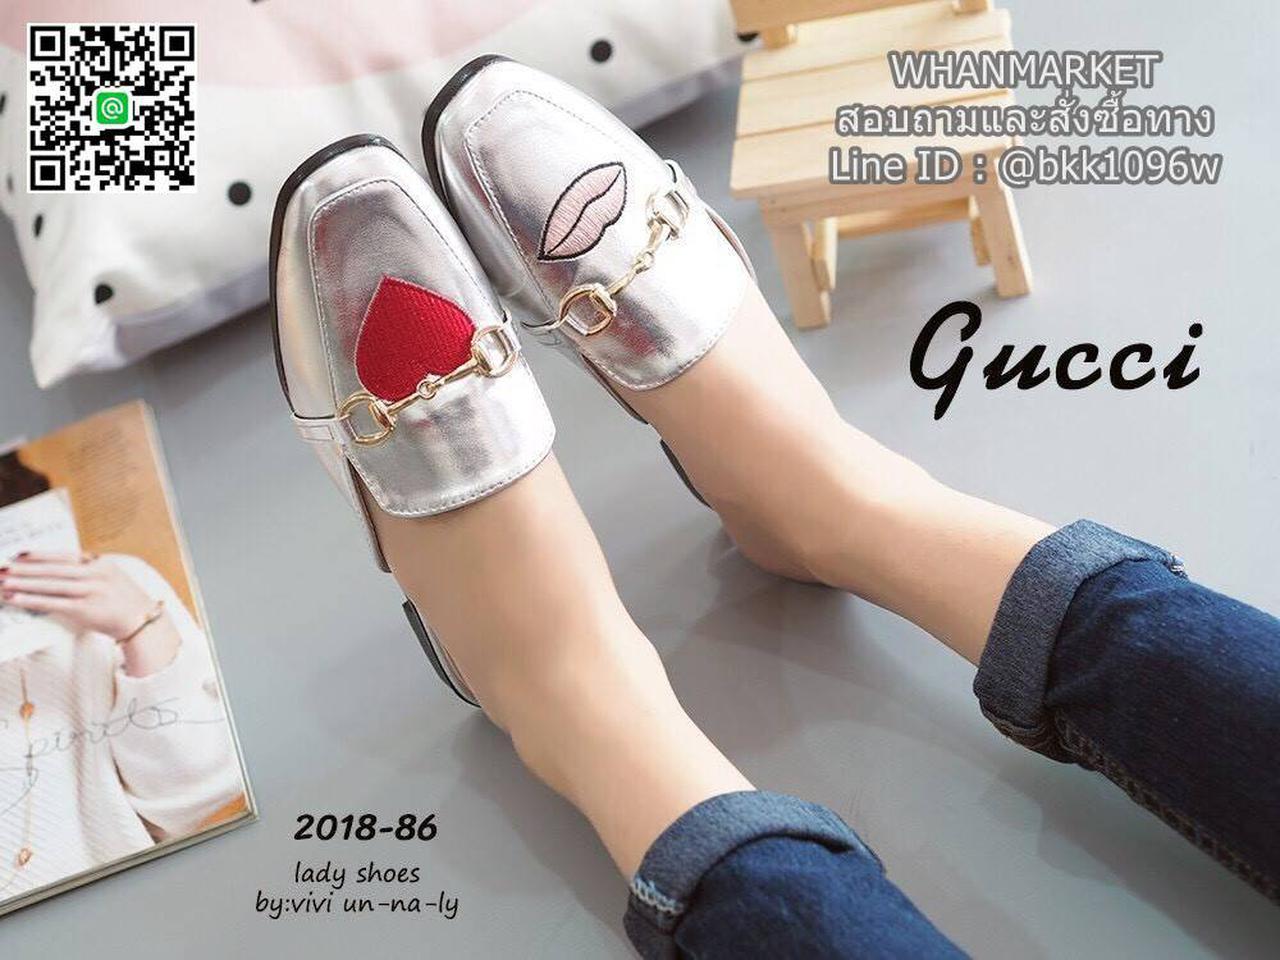 รองเท้าแตะหัวตัด งานเปิดส้น งานstyle Gucci ปักลายรูปปากและหัวใจ สุดน่าร๊าก รูปที่ 1